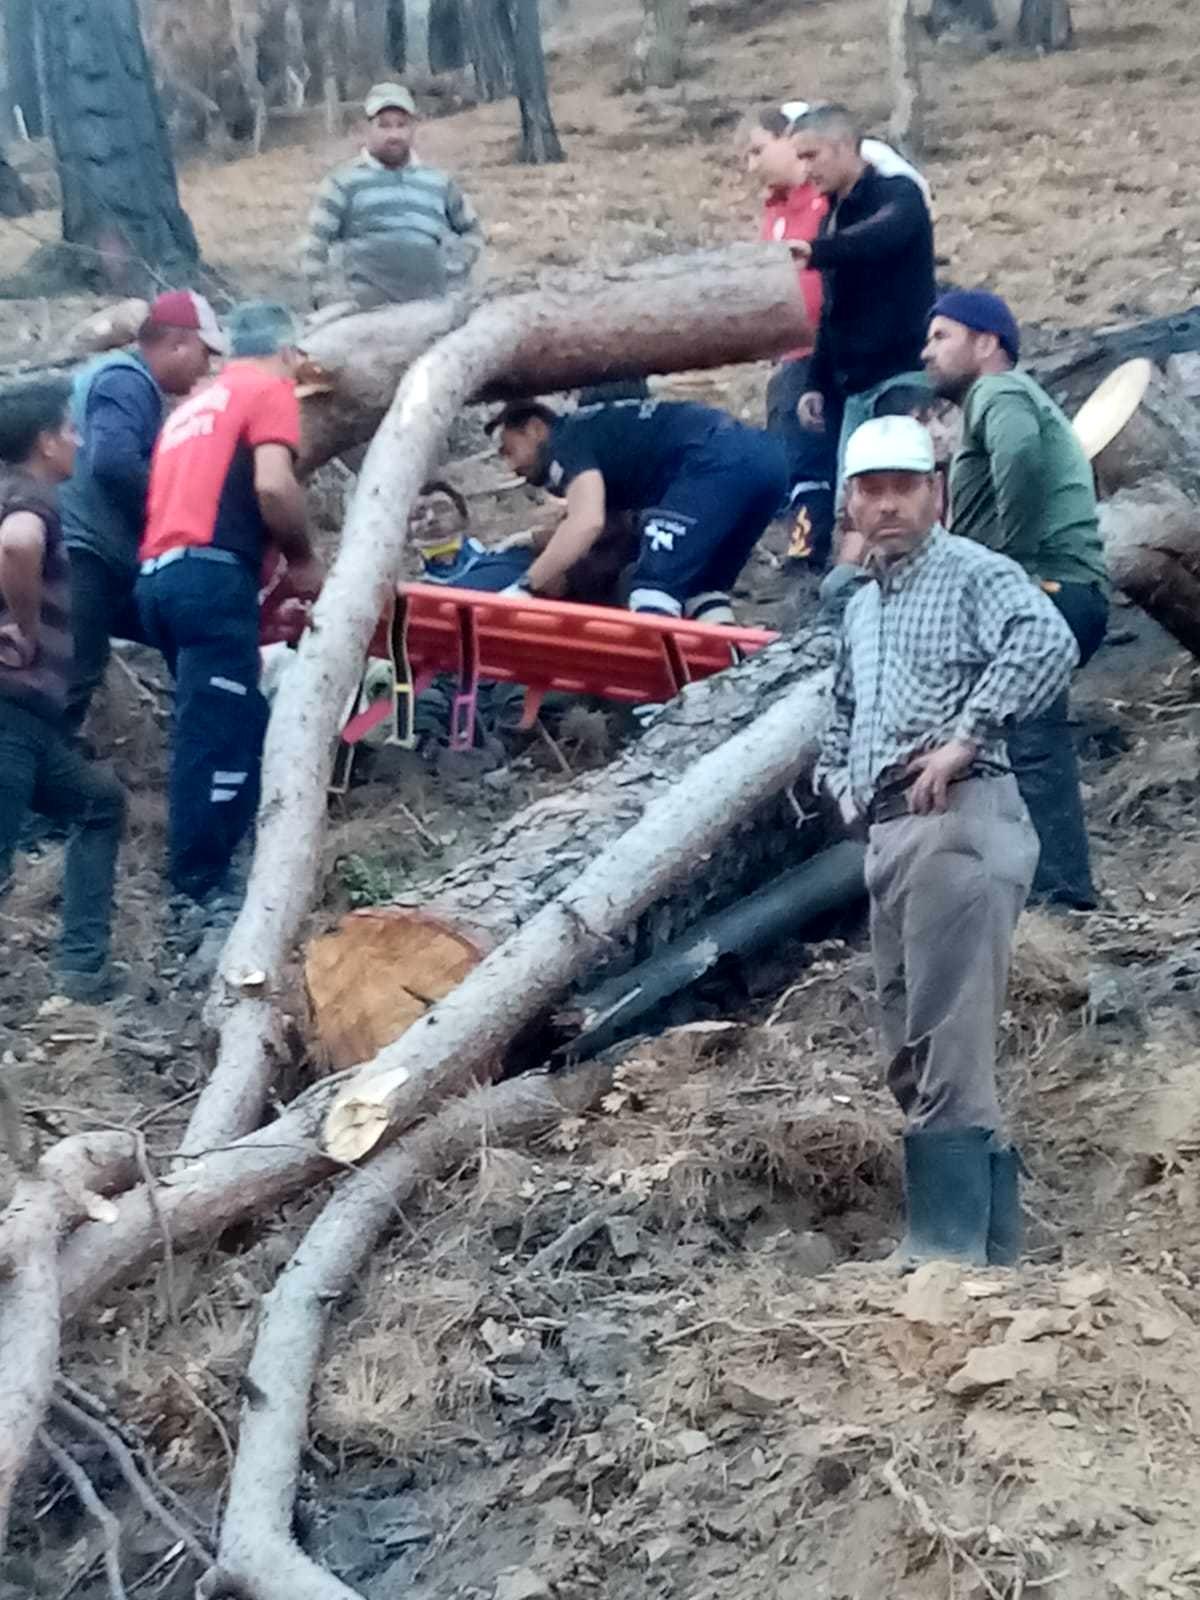 Ağacın altında kalan işçi ağır yaralandı